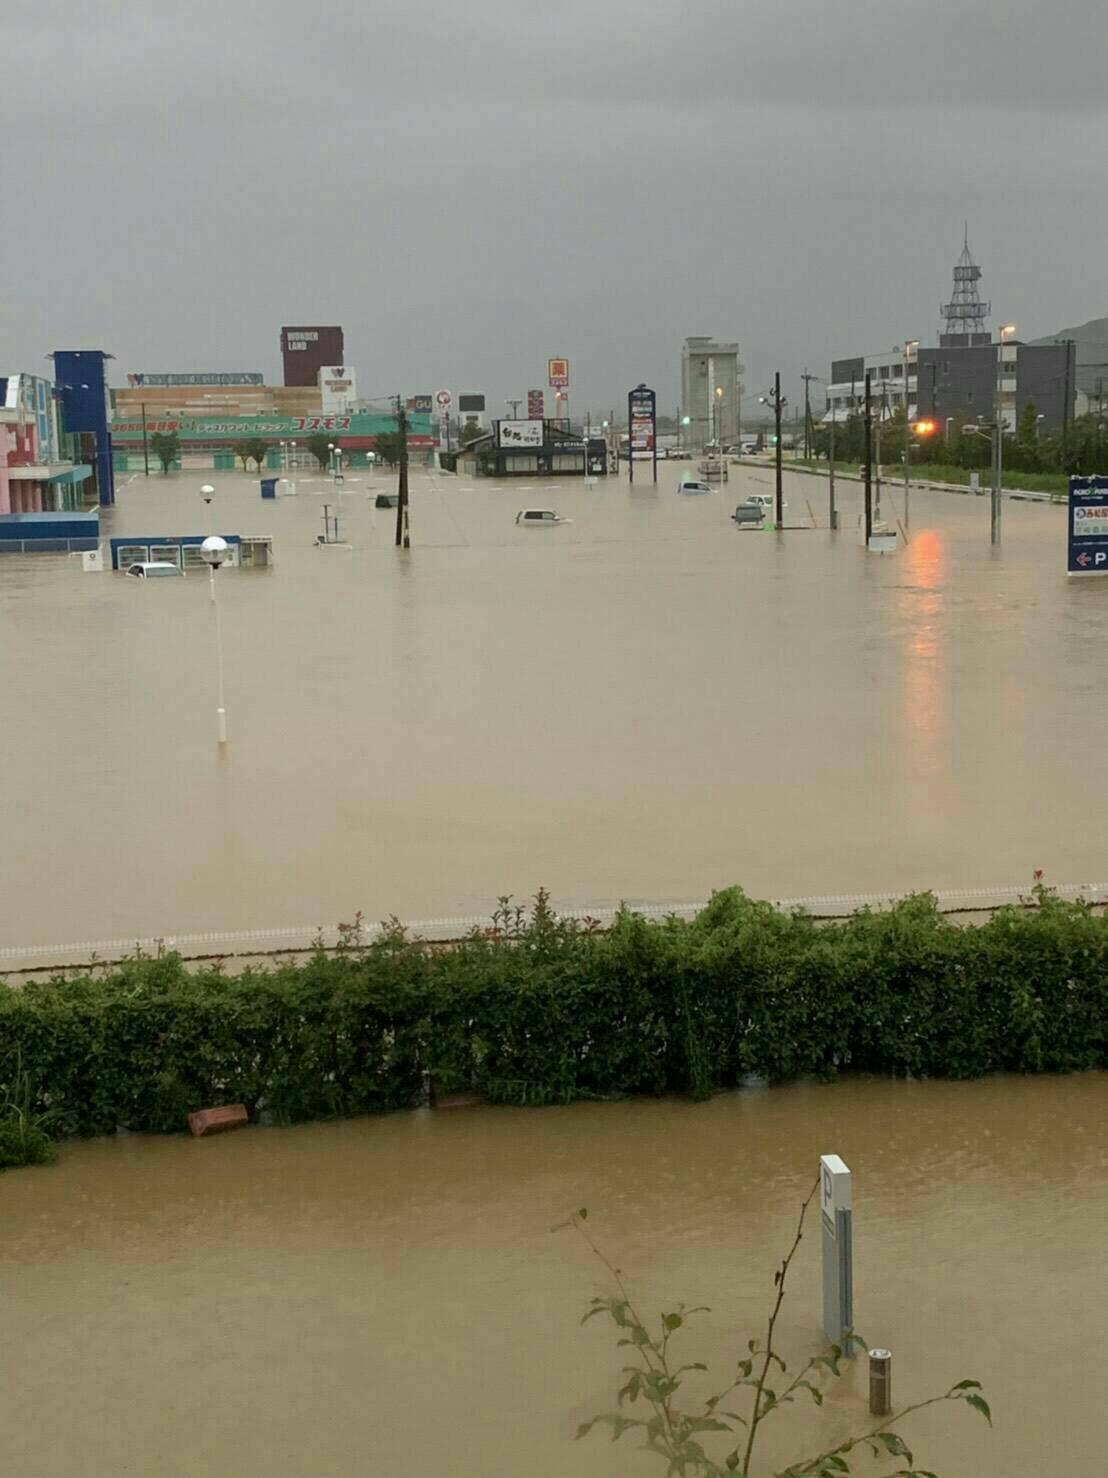 武雄市のTSUTAYAやゆめタウンが浸水している現場の画像